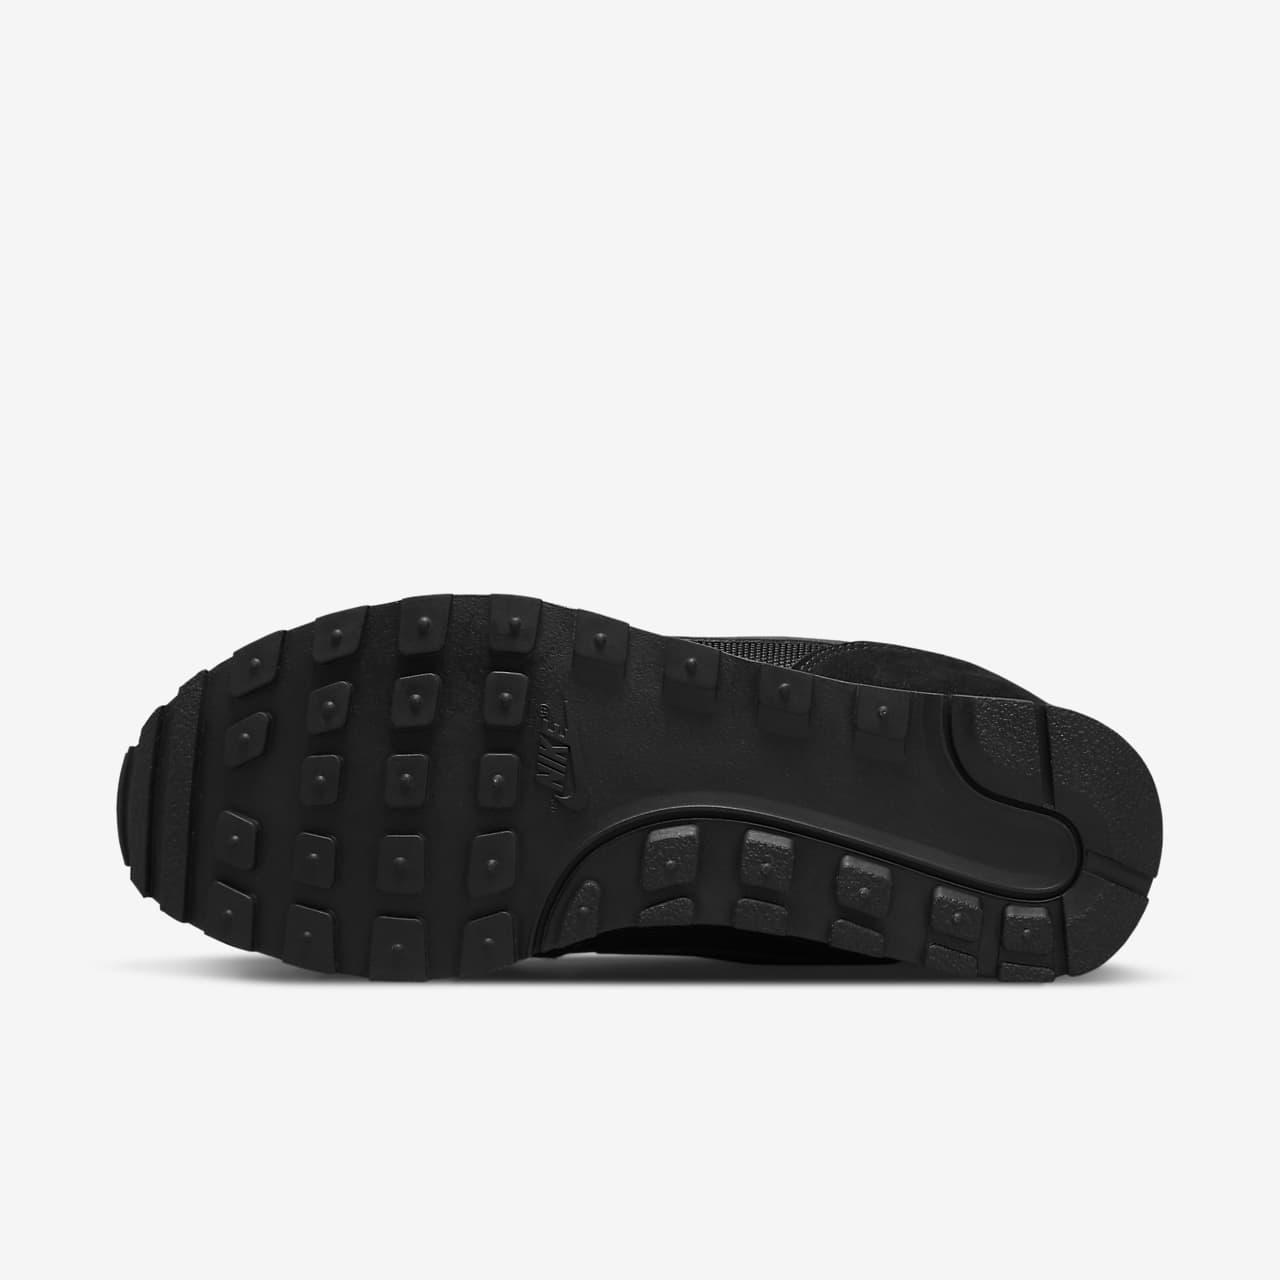 Nike MD Runner 2 Liquidacion Zapatillas casual Niña Negras